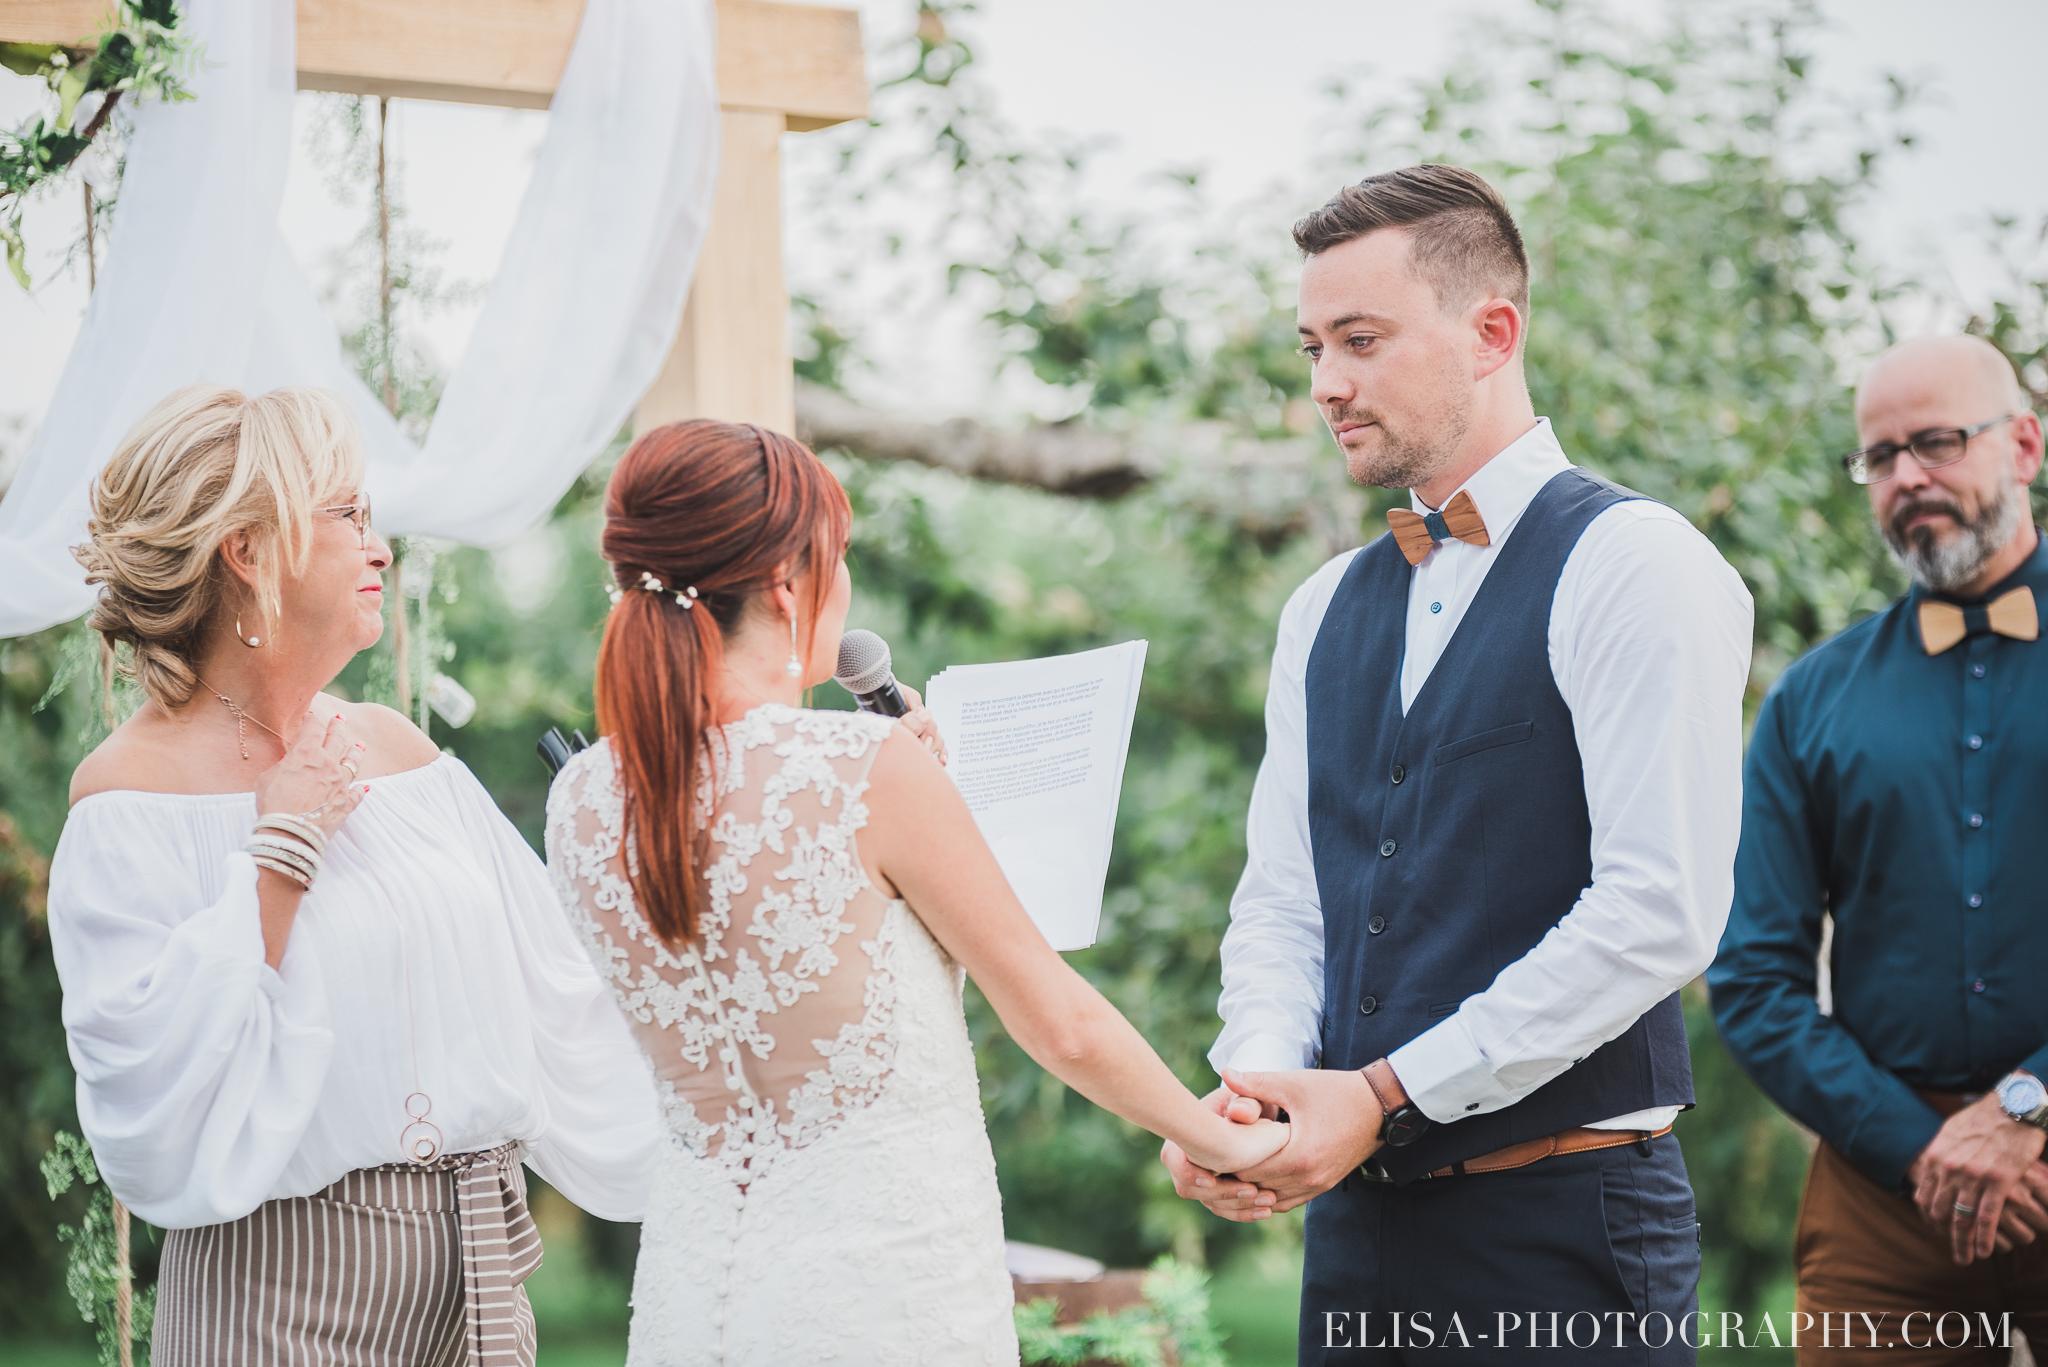 photo mariage ferme genest ceremonie verger pommier quebec 1431 - Smoke bomb et mariage dans les vergers de la Ferme Genest à Saint-Nicolas